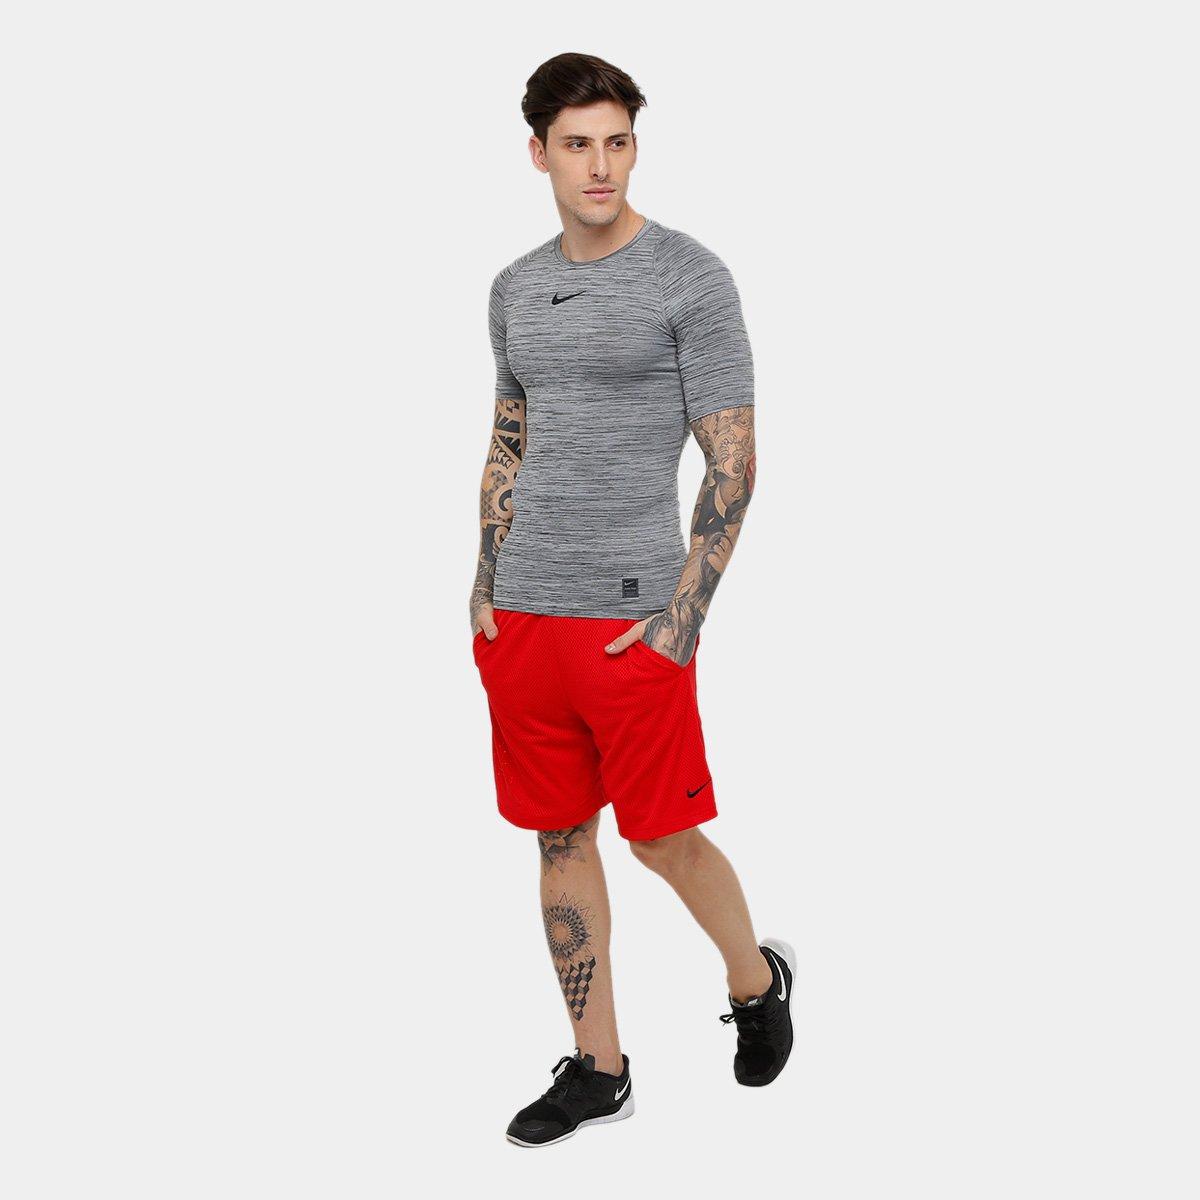 2e3144ca59 Camiseta Compressão Nike Pro Masculina - Preto e Cinza - Compre ...